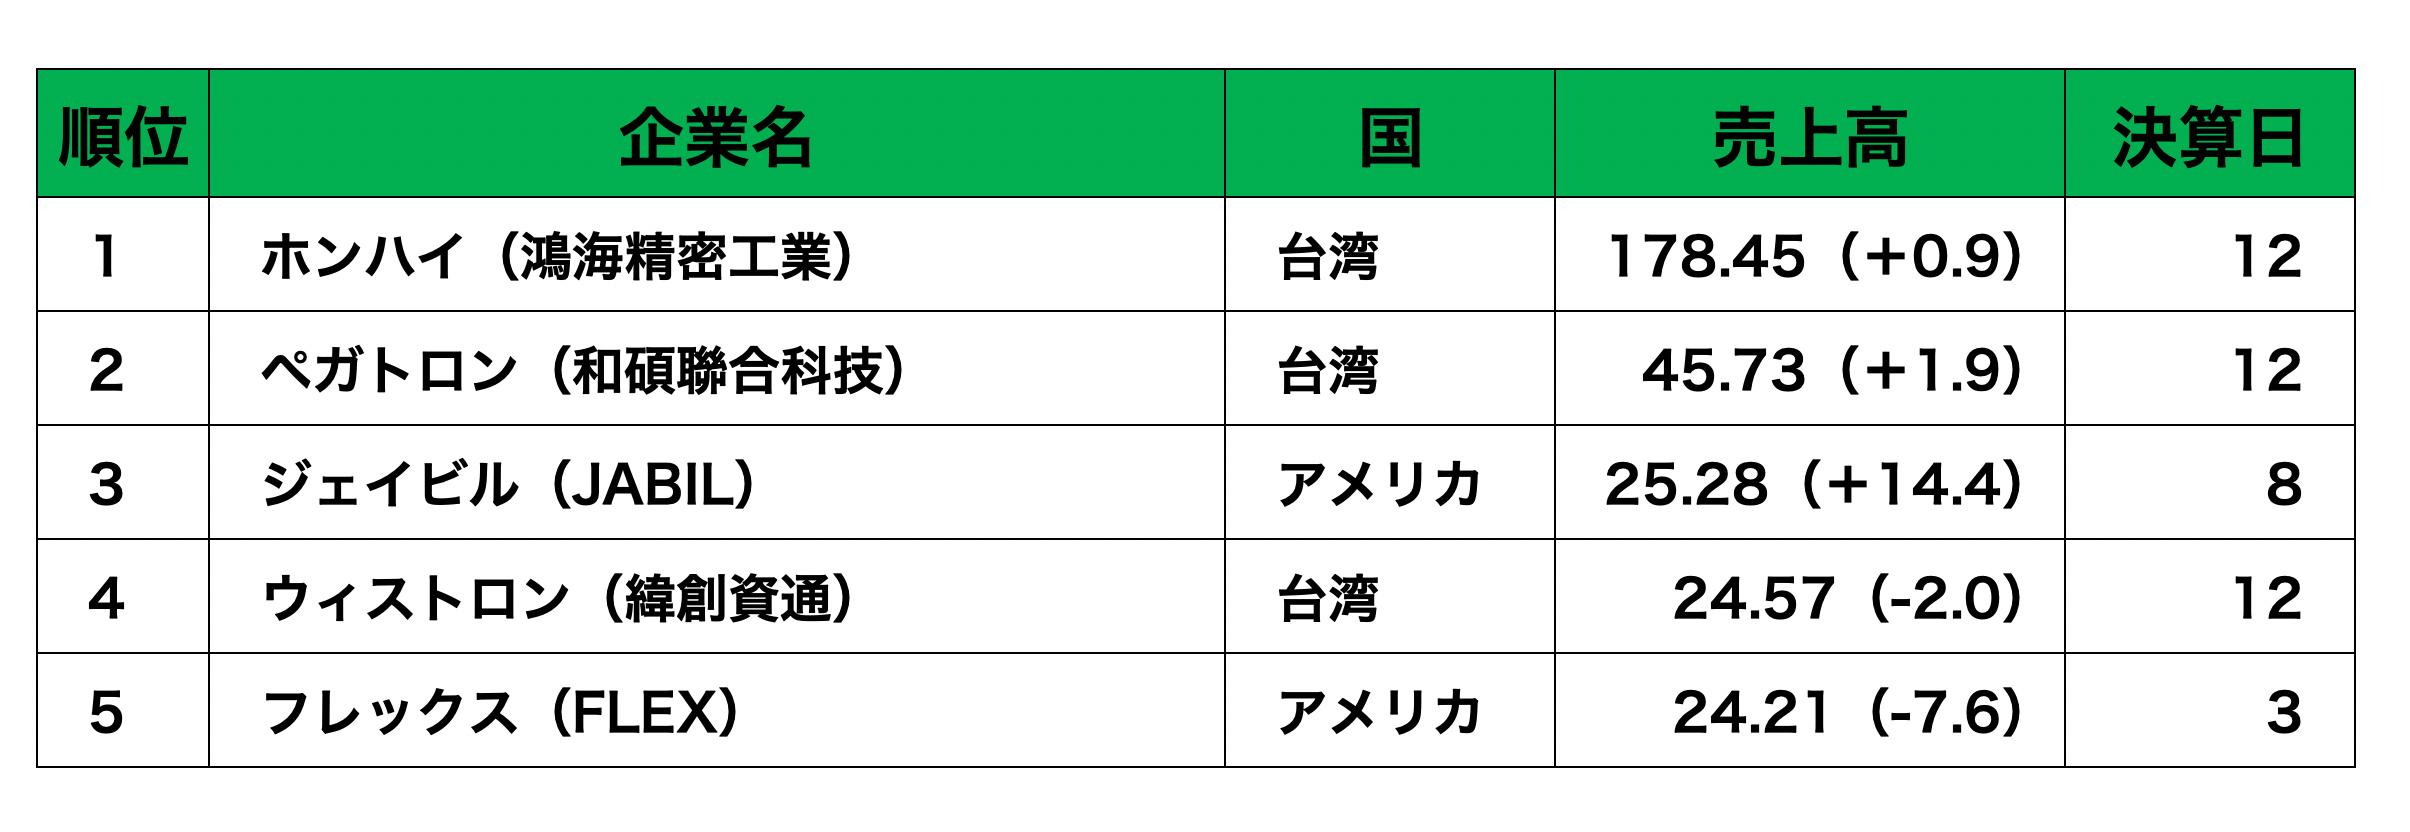 世界のEMS企業ランキング (1)